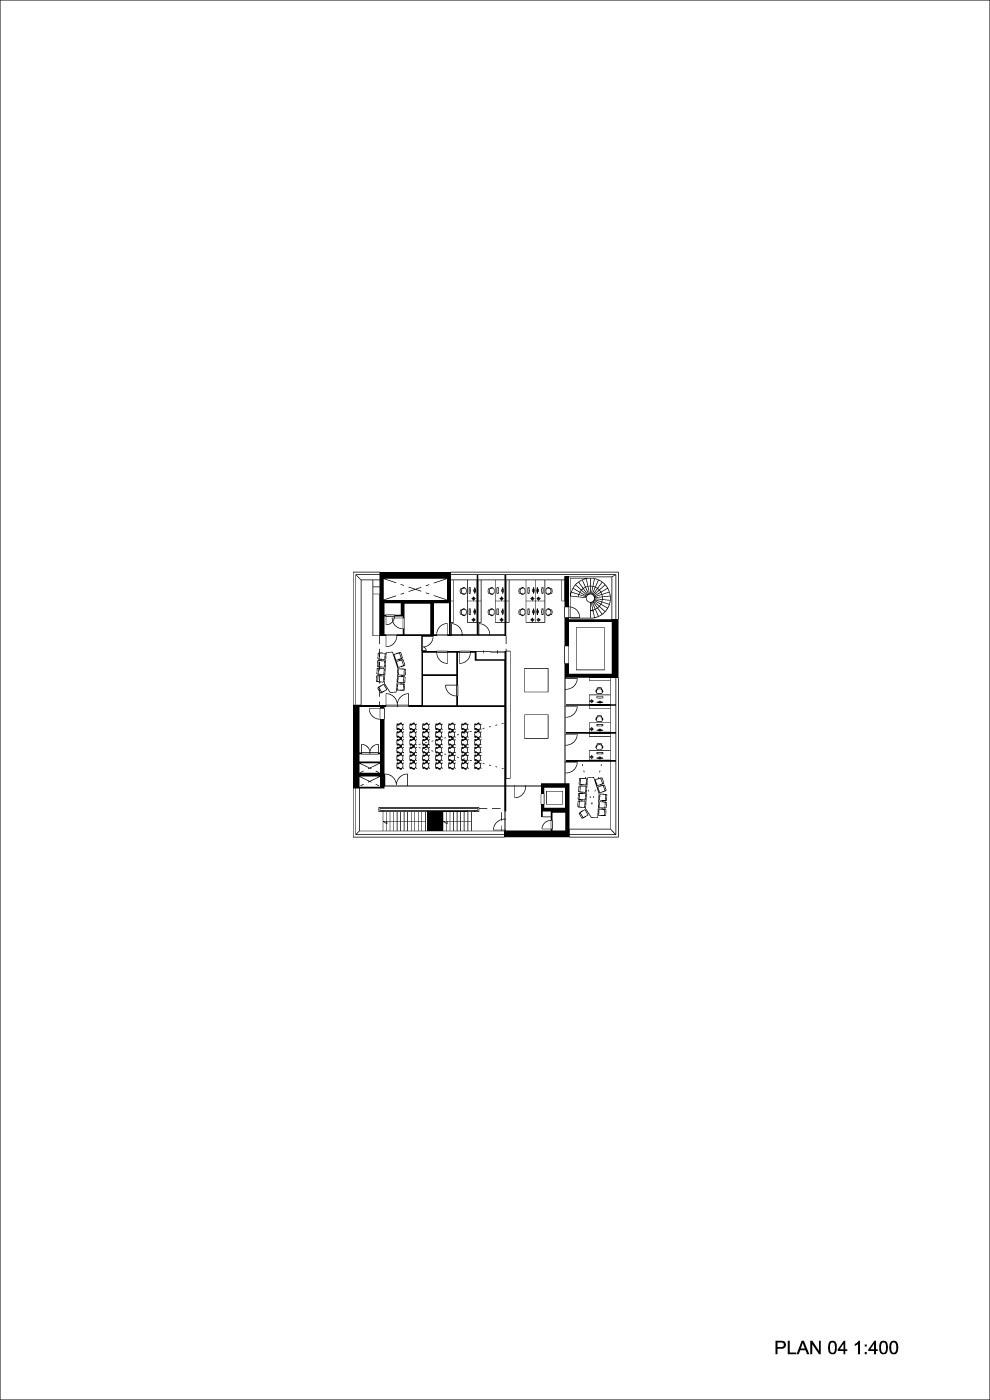 Floor plan 04 (Illustration: Henning Larsen Architects)